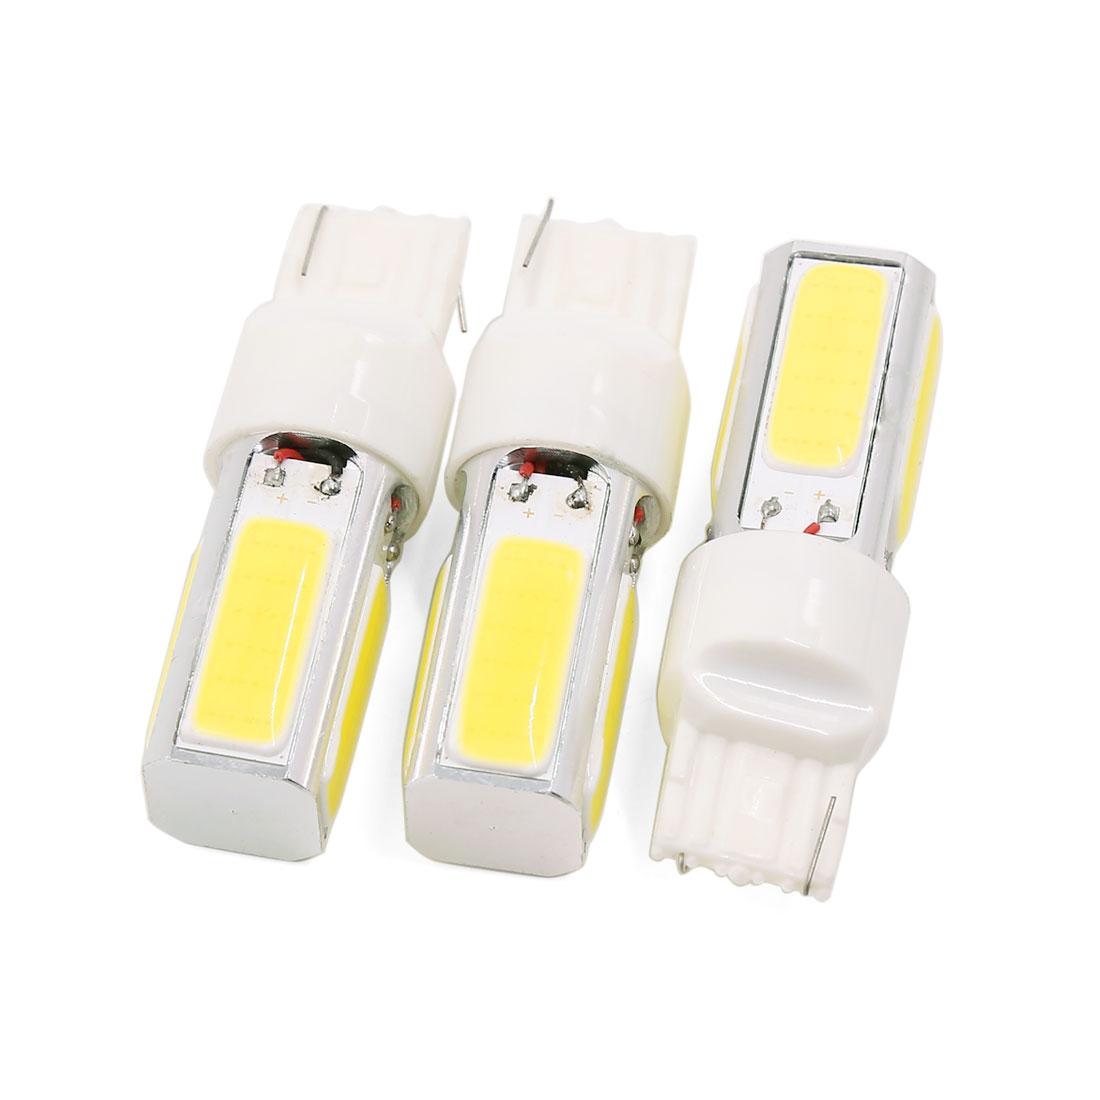 3 Pcs 3156 3056 4 COB Yellow LED Auto Car Turn Signal Lamp Light DC 12V 7.5W